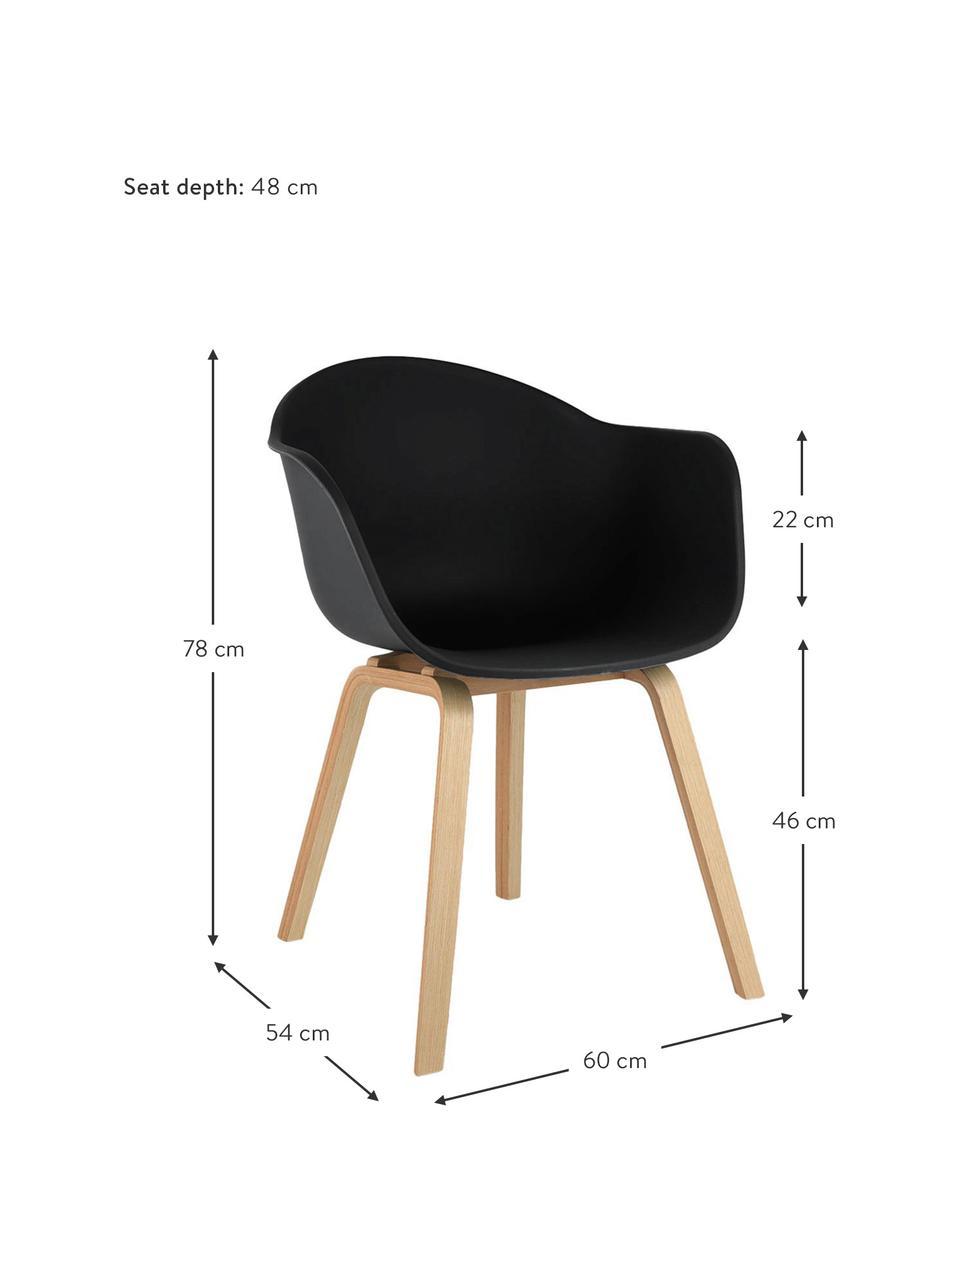 Krzesło z podłokietnikami z tworzywa sztucznego Claire, Nogi: drewno bukowe, Czarny, S 60 x G 54 cm